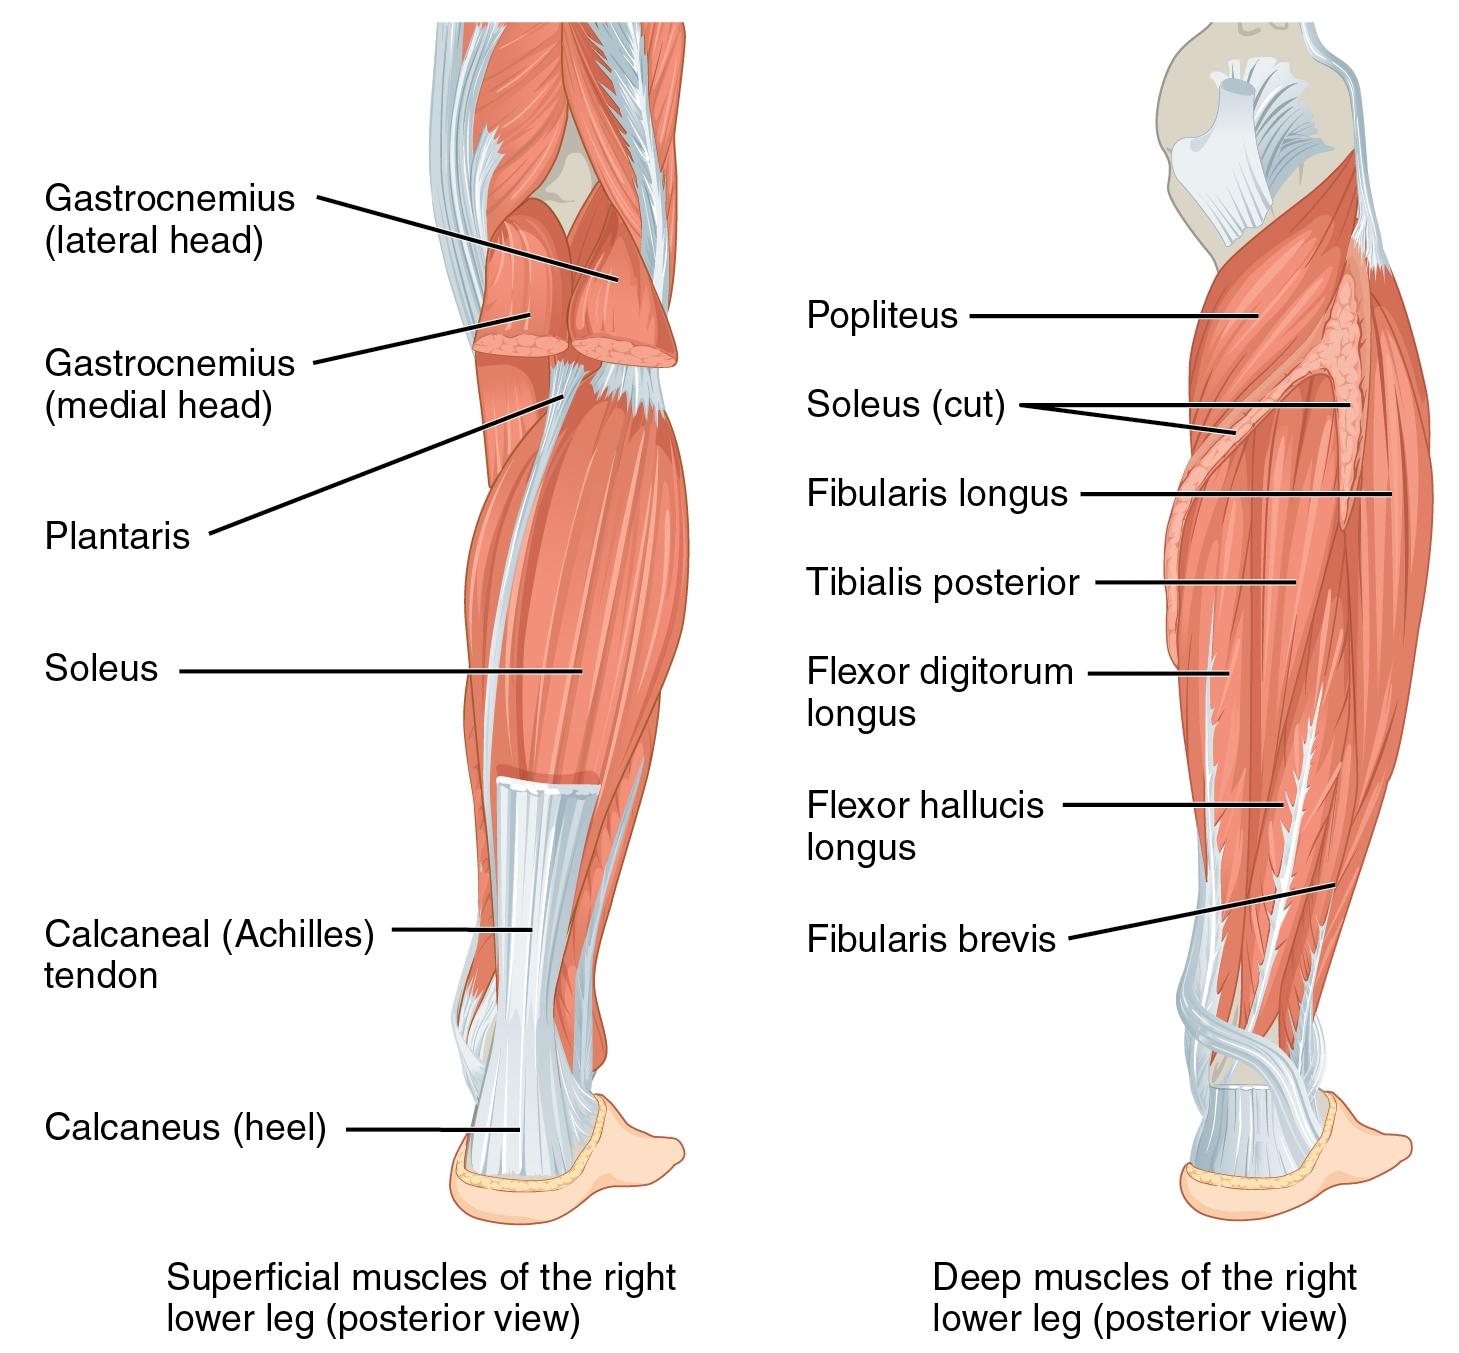 """Bild: """"Muscles of the Lower Leg"""" von philschatz. Lizenz: CC BY 4.0. Es wurden Änderungen vorgenommen: Dies ist nur ein Ausschnitt des Originalbilds."""